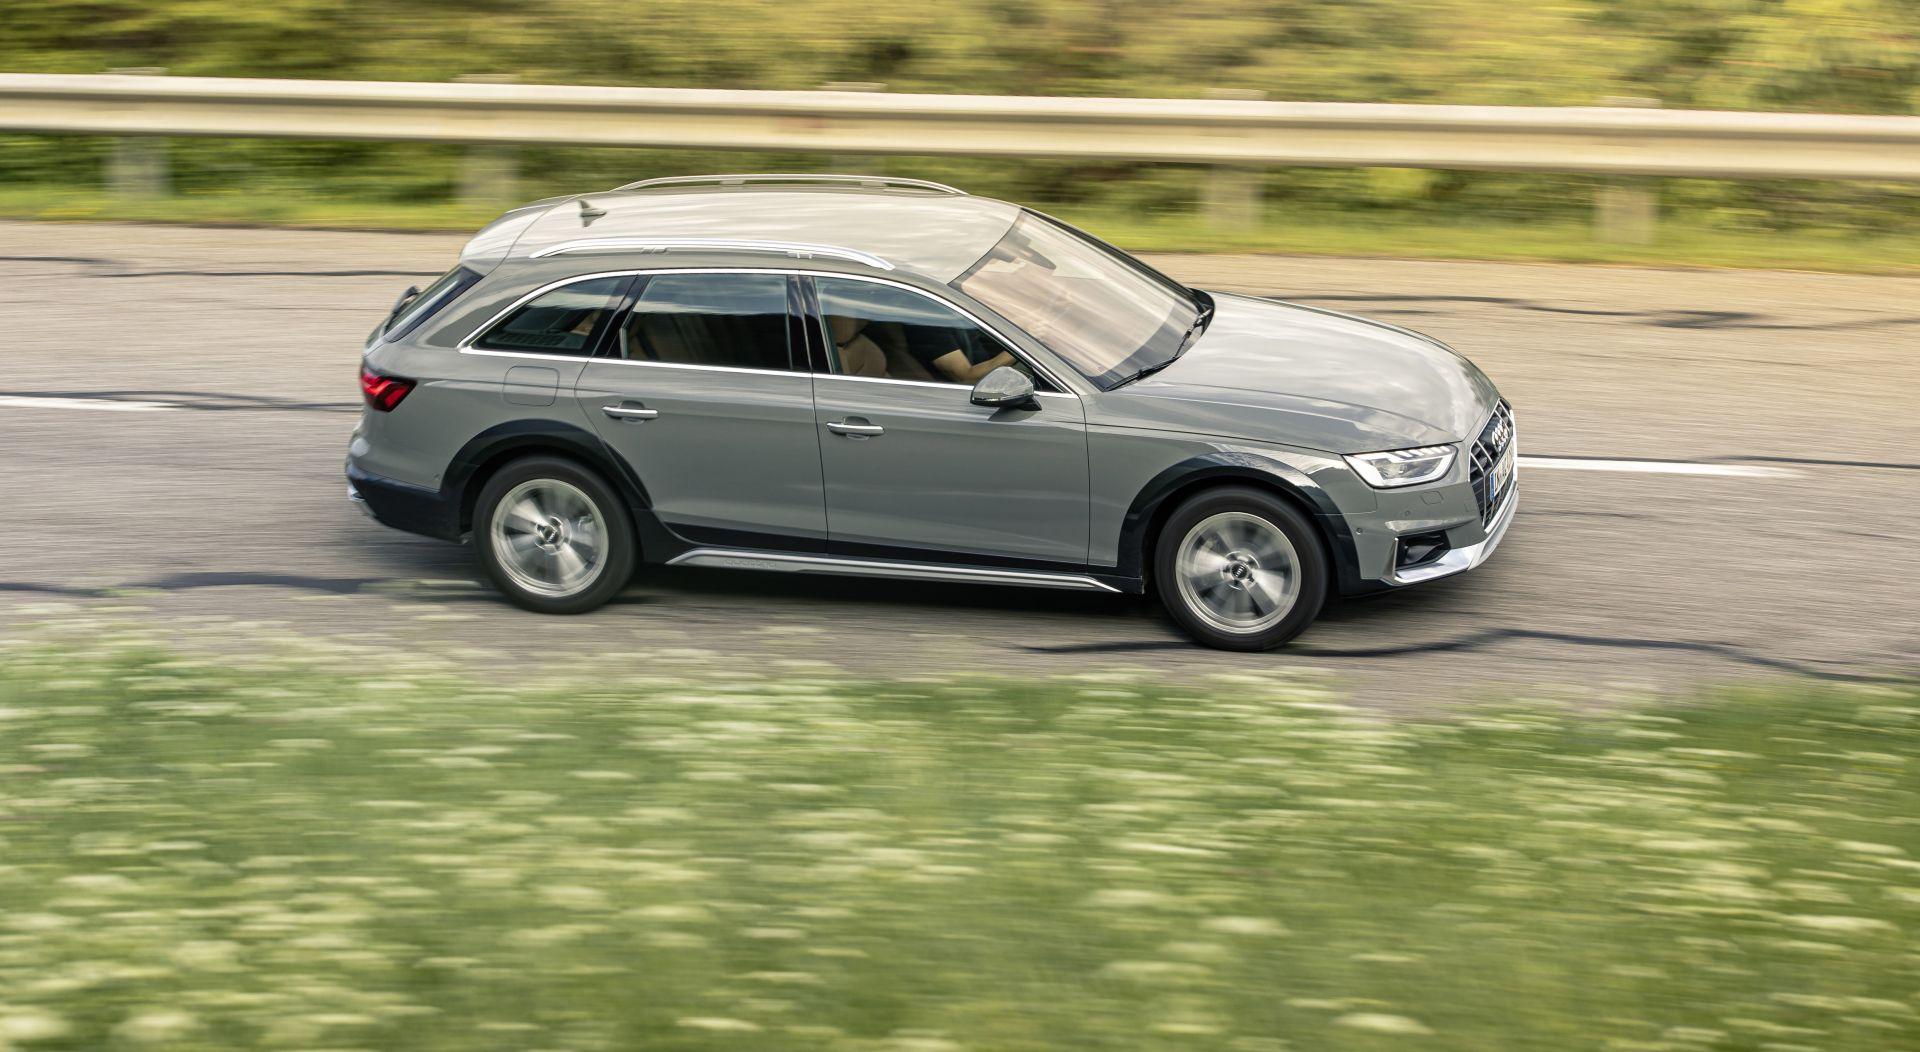 Najviše kaznenih bodova u prometu u Njemačkoj imaju vozači Audija